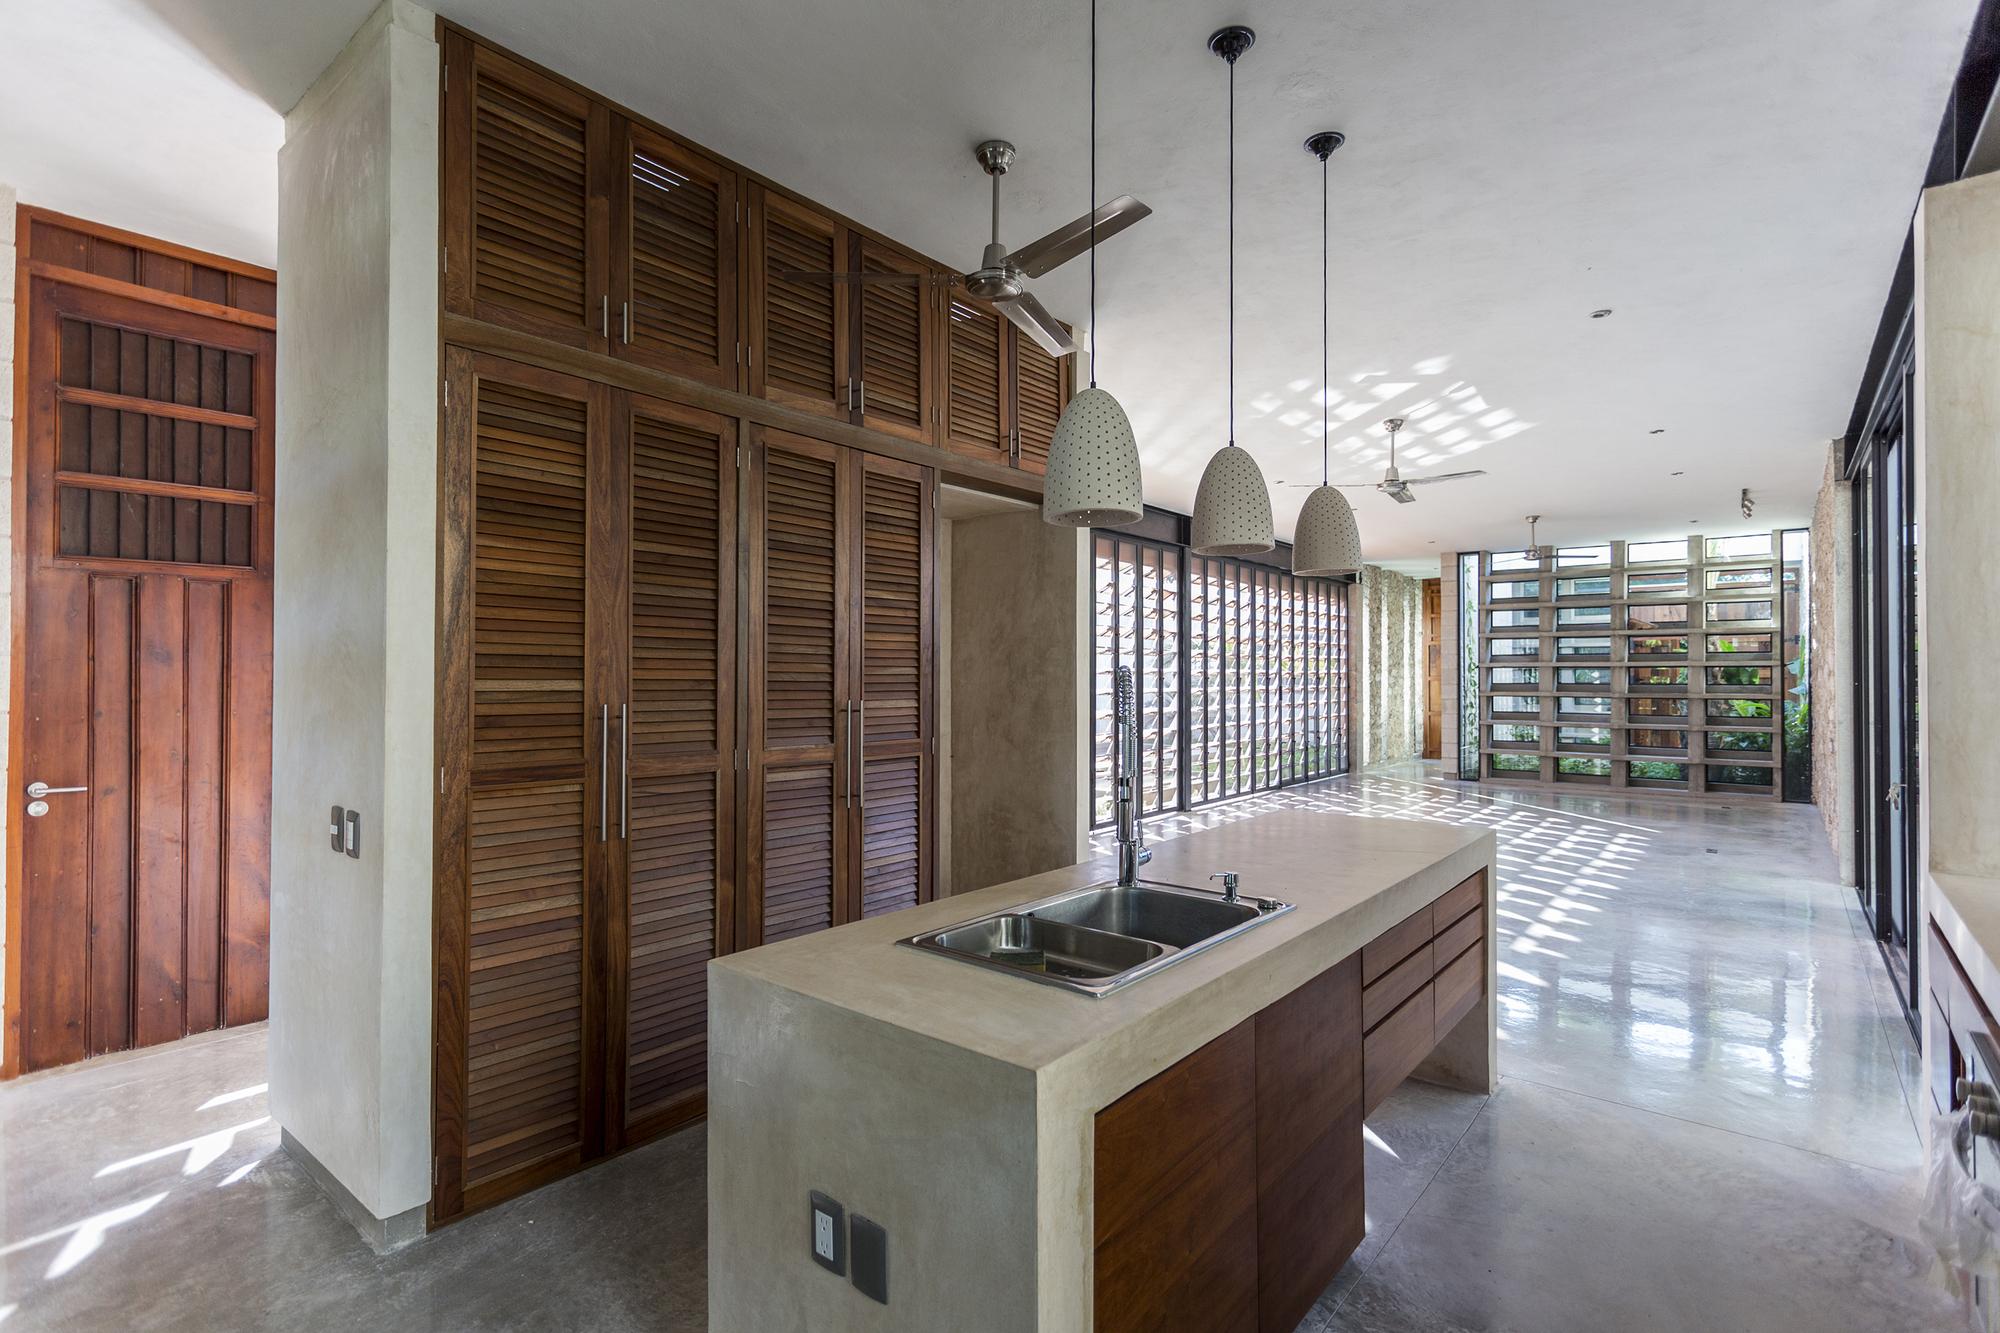 Galer a de casa ja cholul taller estilo arquitectura 14 for Estilos de casas arquitectura